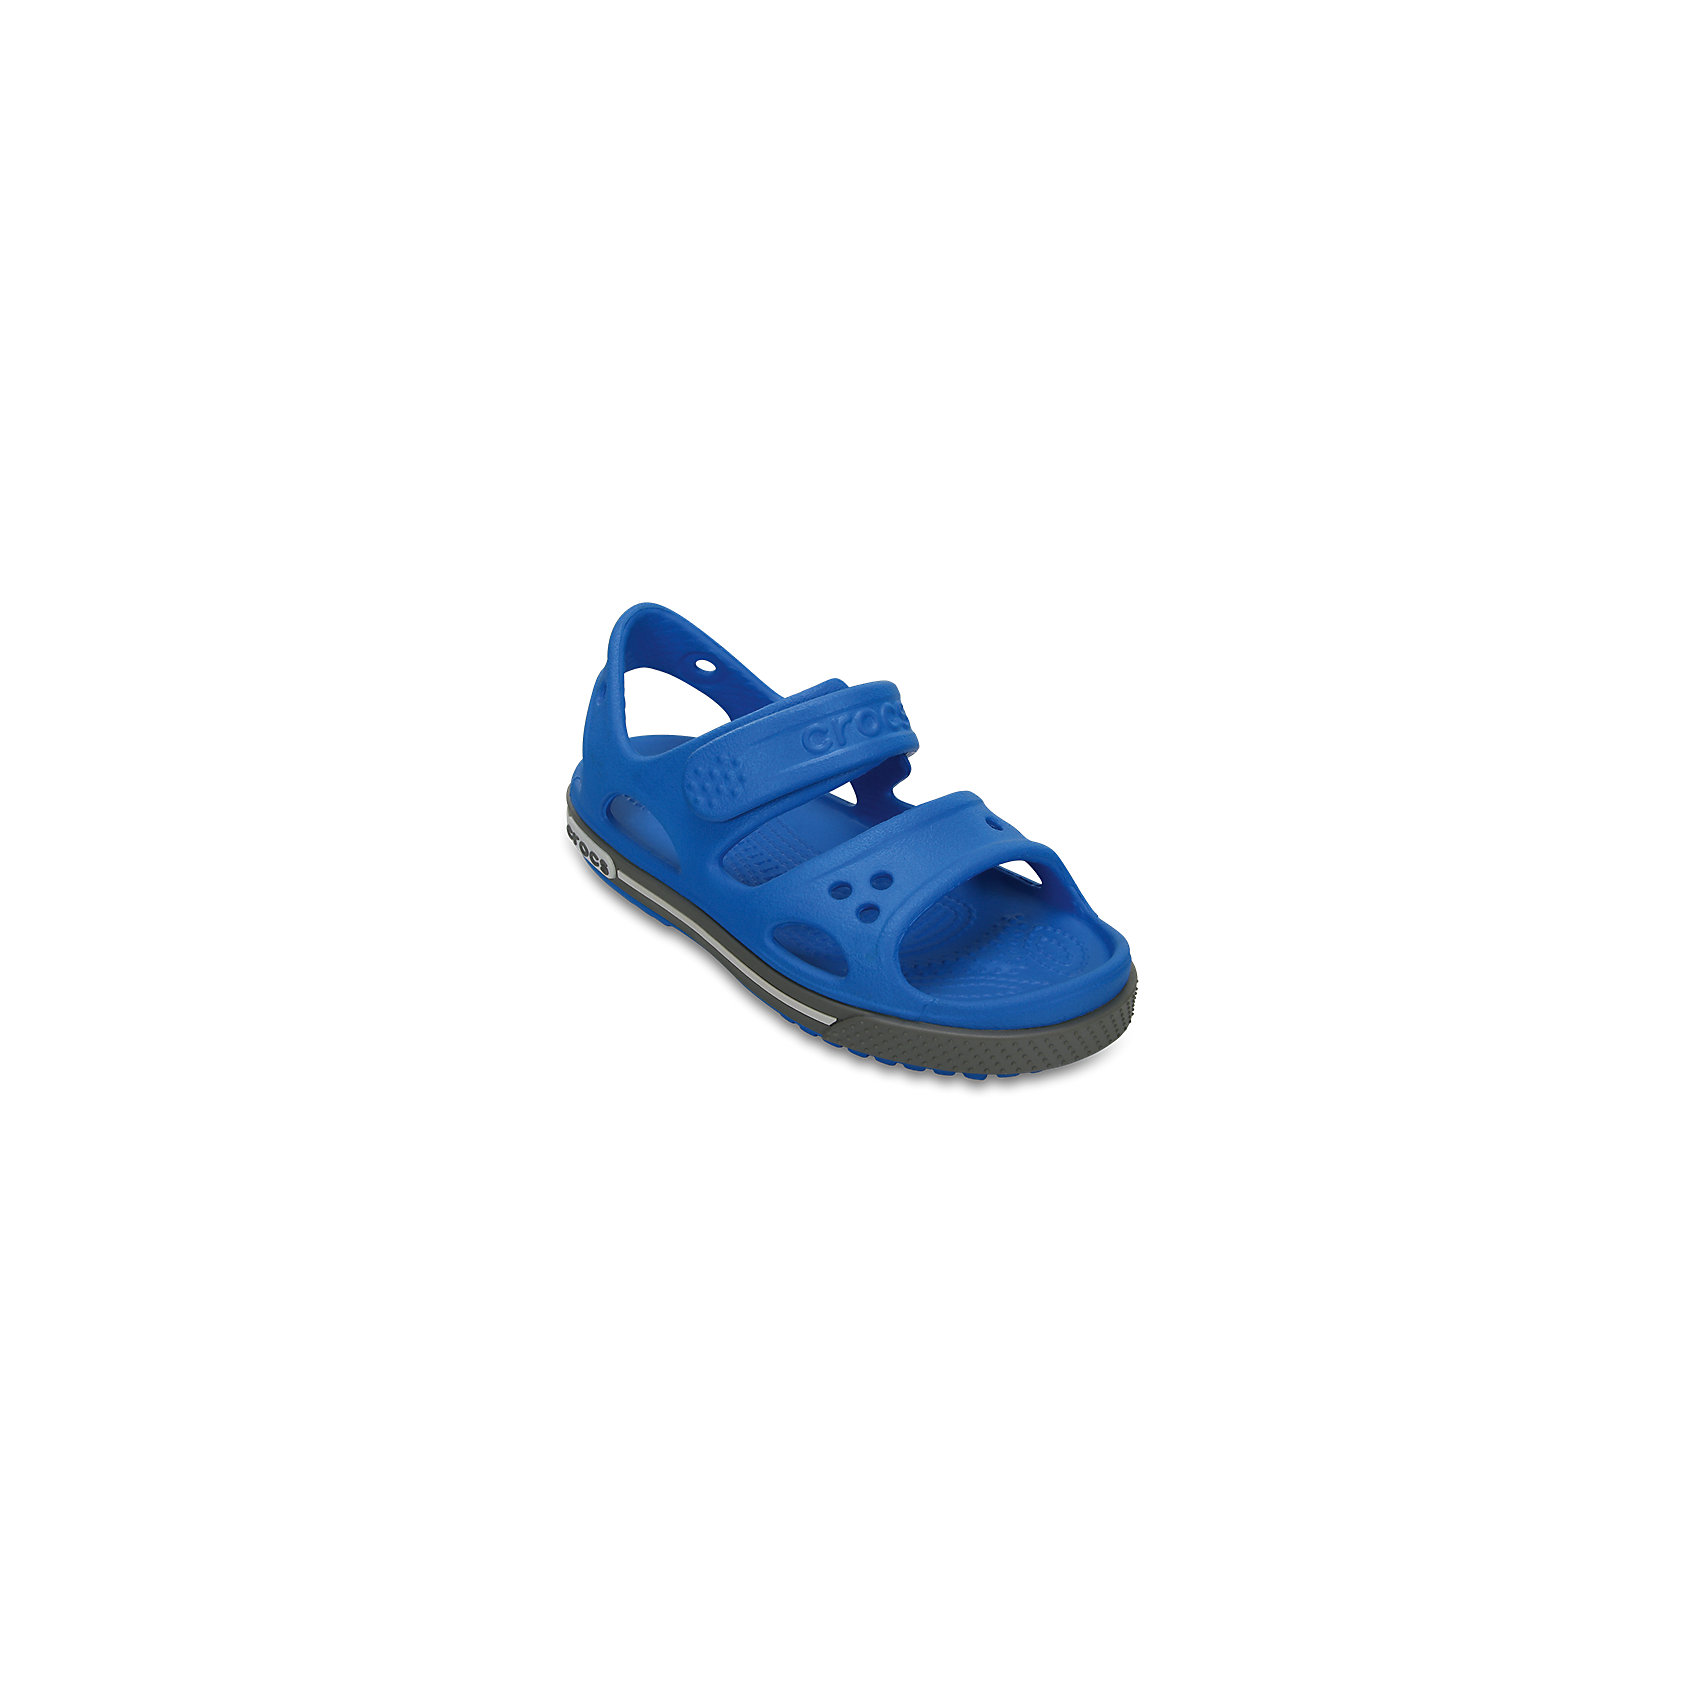 Сандалии для мальчика Kids' Crocband™ II Sandal CROCSСандалии<br>Характеристики товара:<br><br>• цвет: синий<br>• сезон: лето<br>• материал: 100% полимер Croslite™<br>• бактериостатичный материал<br>• ремешок фиксирует стопу<br>• антискользящая устойчивая подошва<br>• липучка<br>• анатомическая стелька с массажными точками<br>• страна бренда: США<br>• страна изготовитель: Китай<br><br>Для правильного развития ребенка крайне важно, чтобы обувь была удобной.<br><br>Такие сандалии обеспечивают детям необходимый комфорт, а анатомическая стелька с массажными линиями для стимуляции кровообращения позволяет ножкам дольше не уставать. <br><br>Сандалии легко надеваются и снимаются, отлично сидят на ноге. <br><br>Материал, из которого они сделаны, не дает размножаться бактериям, поэтому такая обувь препятствует образованию неприятного запаха и появлению болезней стоп. <br><br>Обувь от американского бренда Crocs в данный момент завоевала широкую популярность во всем мире, и это не удивительно - ведь она невероятно удобна. <br><br>Сандалии Kids' Crocband™ II Sandal от торговой марки Crocs можно купить в нашем интернет-магазине.<br><br>Ширина мм: 219<br>Глубина мм: 154<br>Высота мм: 121<br>Вес г: 343<br>Цвет: синий<br>Возраст от месяцев: 12<br>Возраст до месяцев: 15<br>Пол: Мужской<br>Возраст: Детский<br>Размер: 21,34/35,27,28,29,30,22,23,24,25,26,31/32,33/34<br>SKU: 5416619